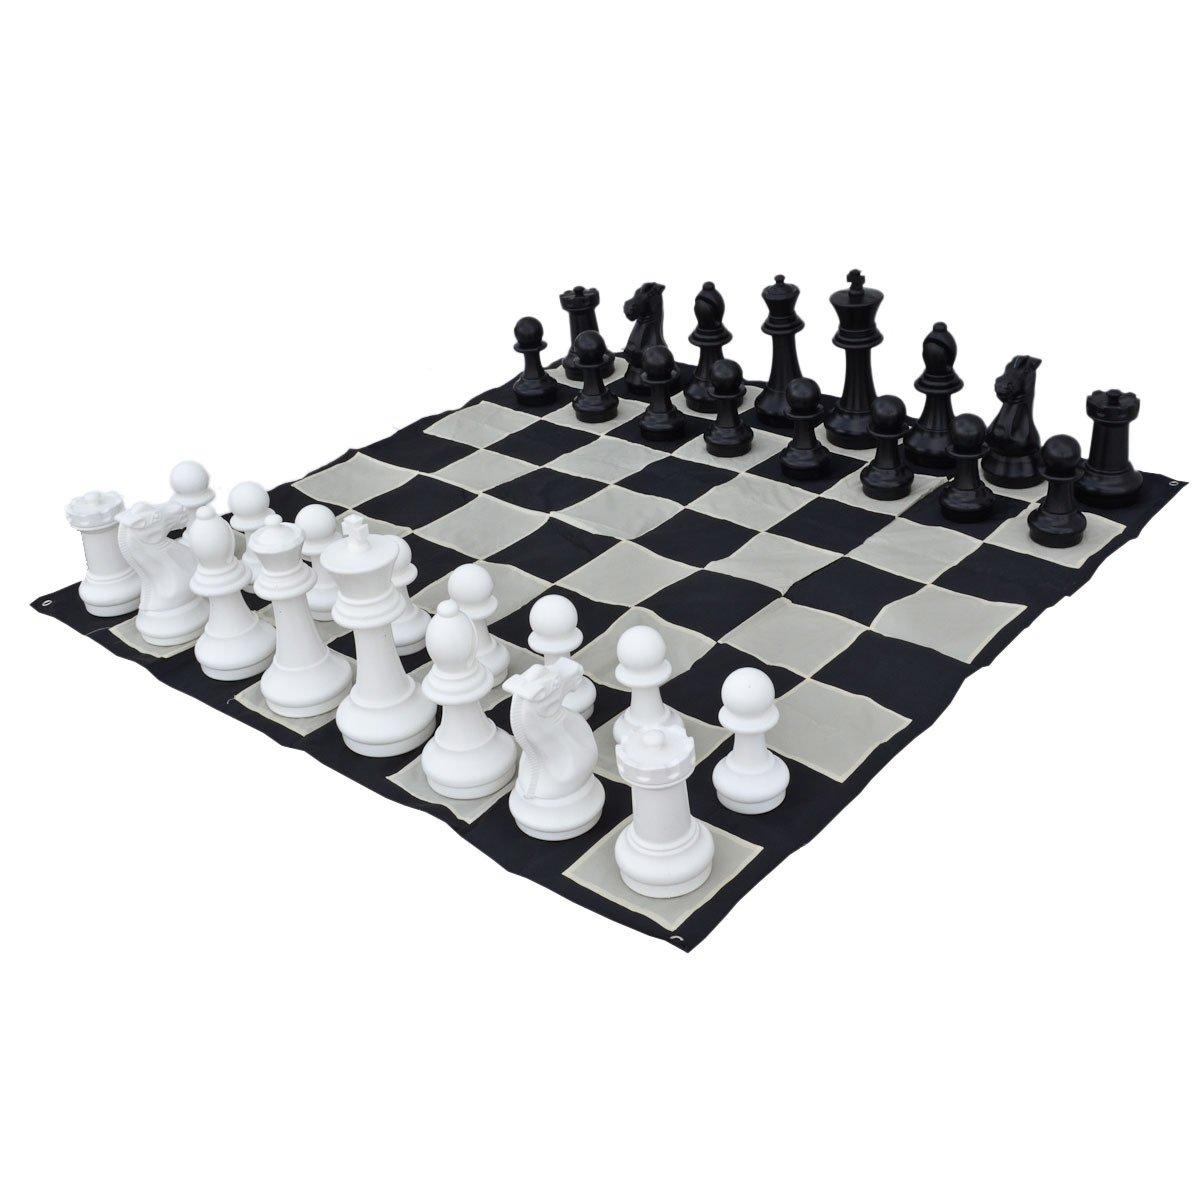 激安 Wholesale Chess Giant Chess Wholesale Set Chess Set - 16